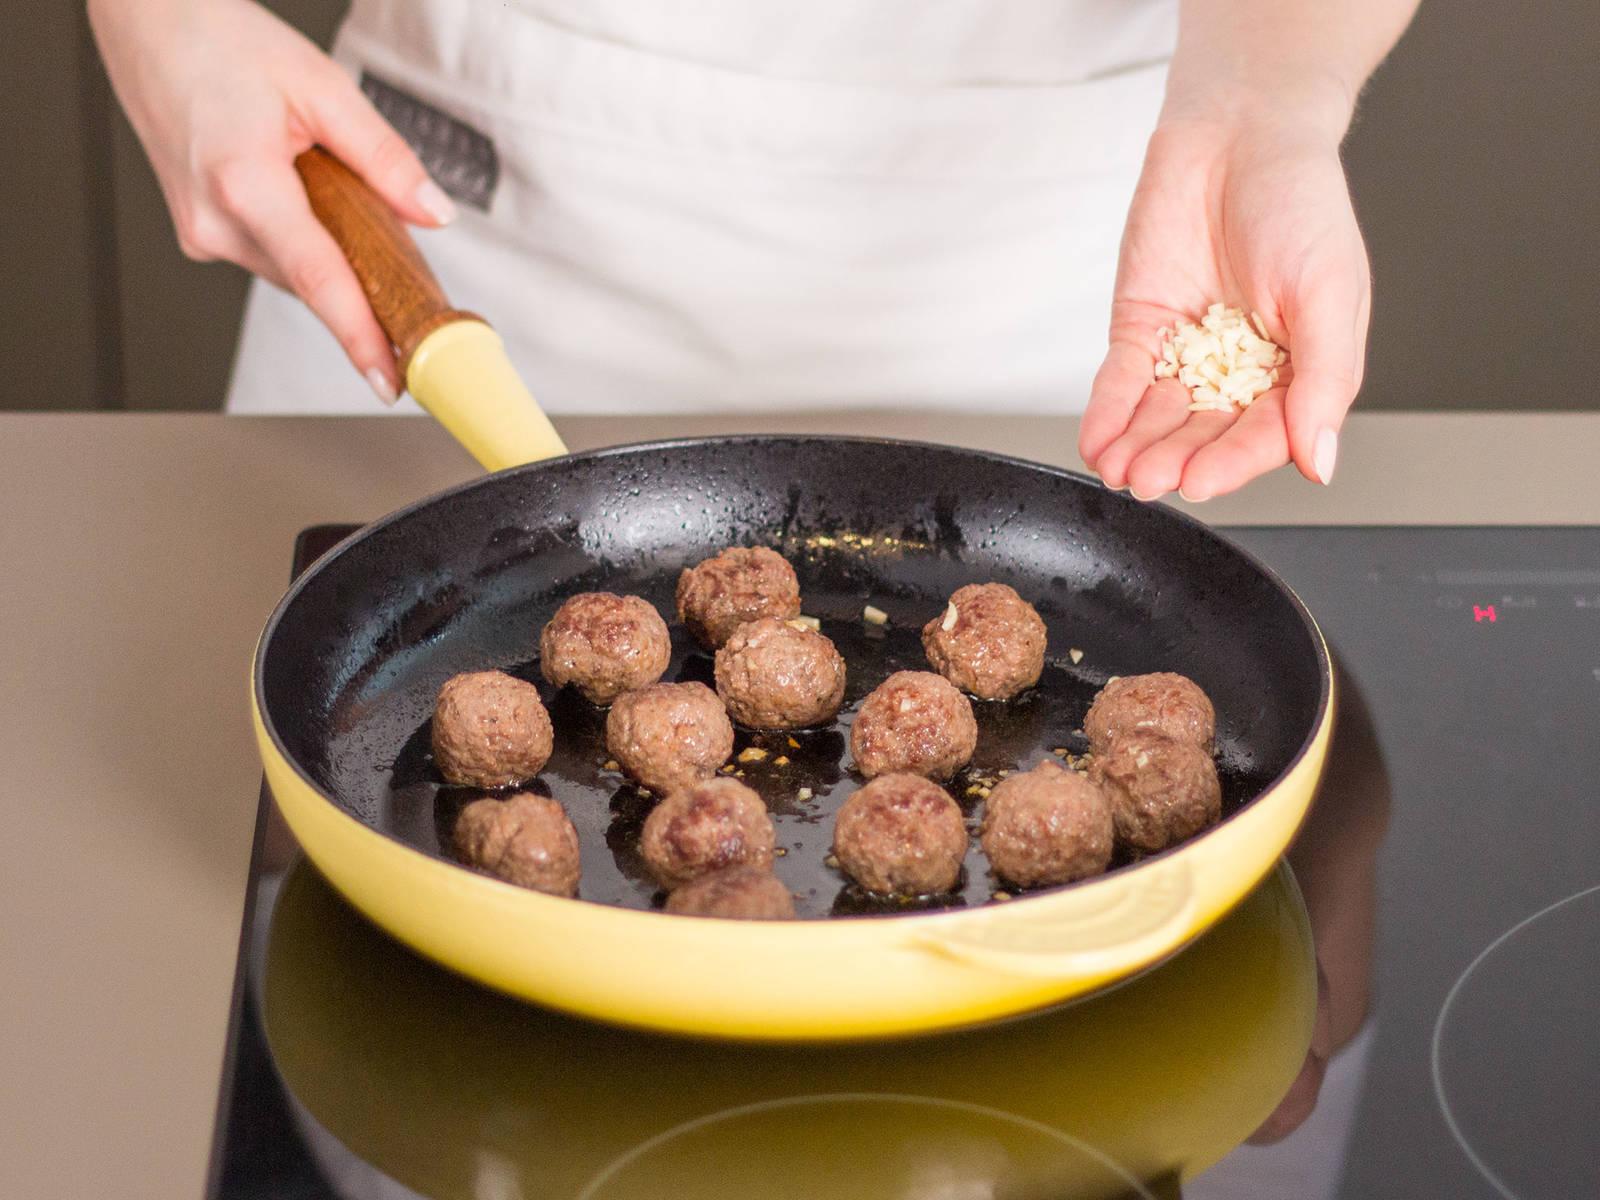 用盐与胡椒粉为牛肉末调味,然后将牛肉末揉成乒乓球大小的肉丸。在大煎锅中用中温加热适量植物油,放入肉丸煎4-6分钟,至肉丸呈棕色。待肉丸即将熟透时放入蒜碎。